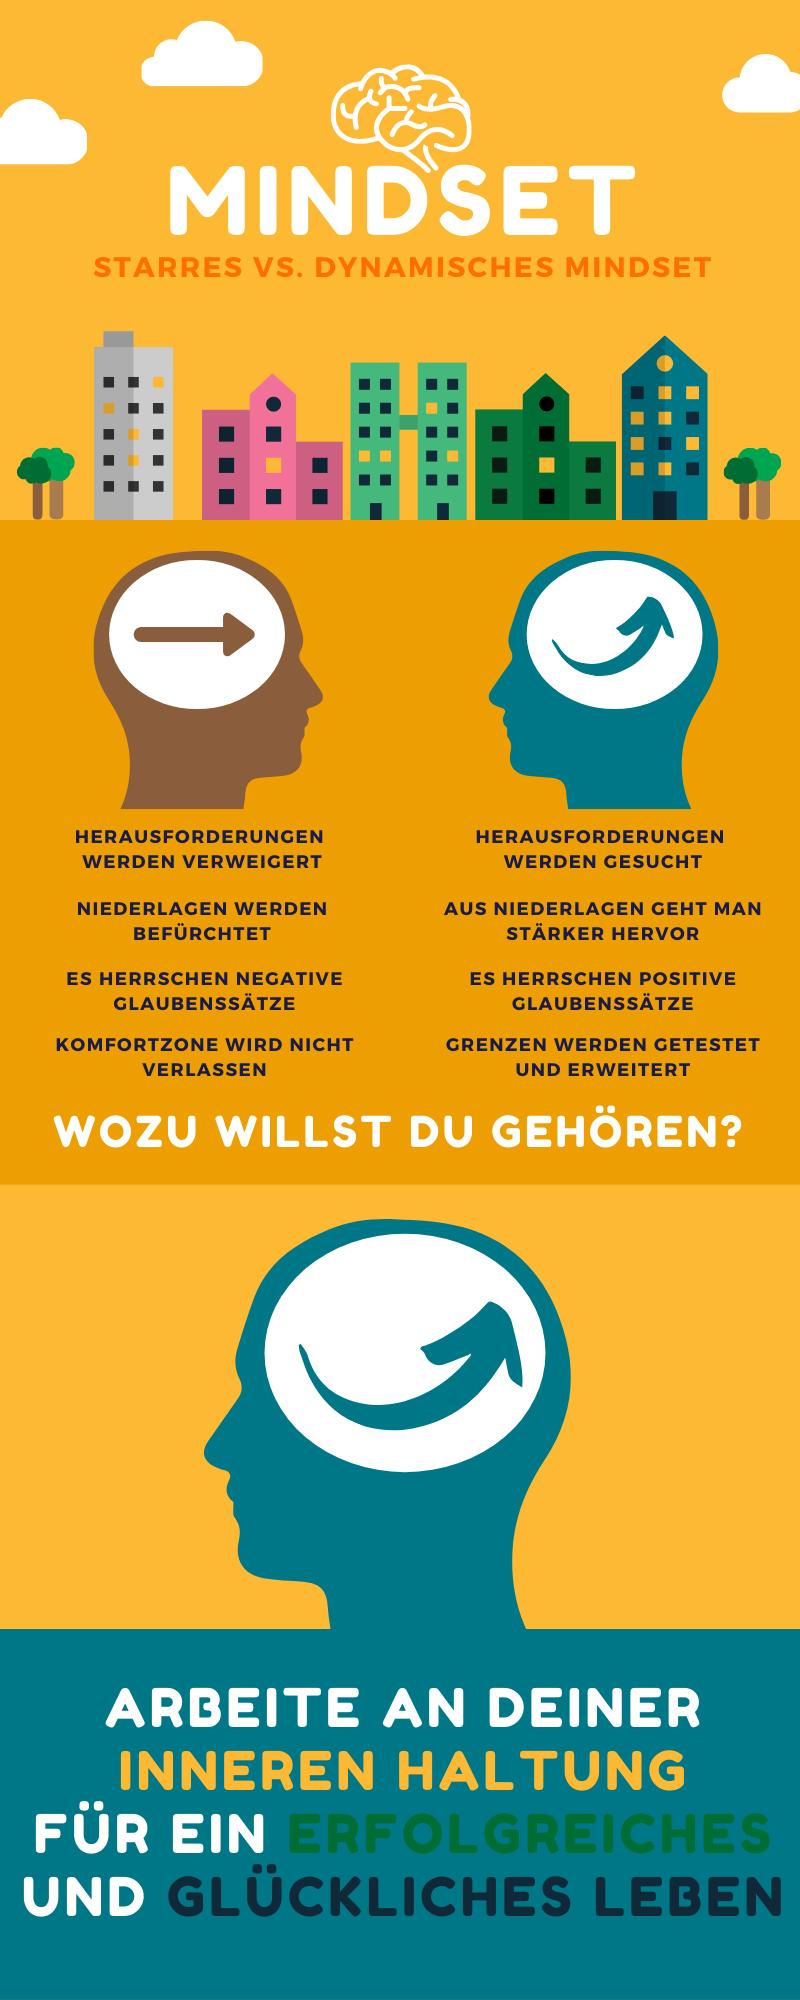 Mindset stärken - Infografik - Starres und Dynamisches Mindset